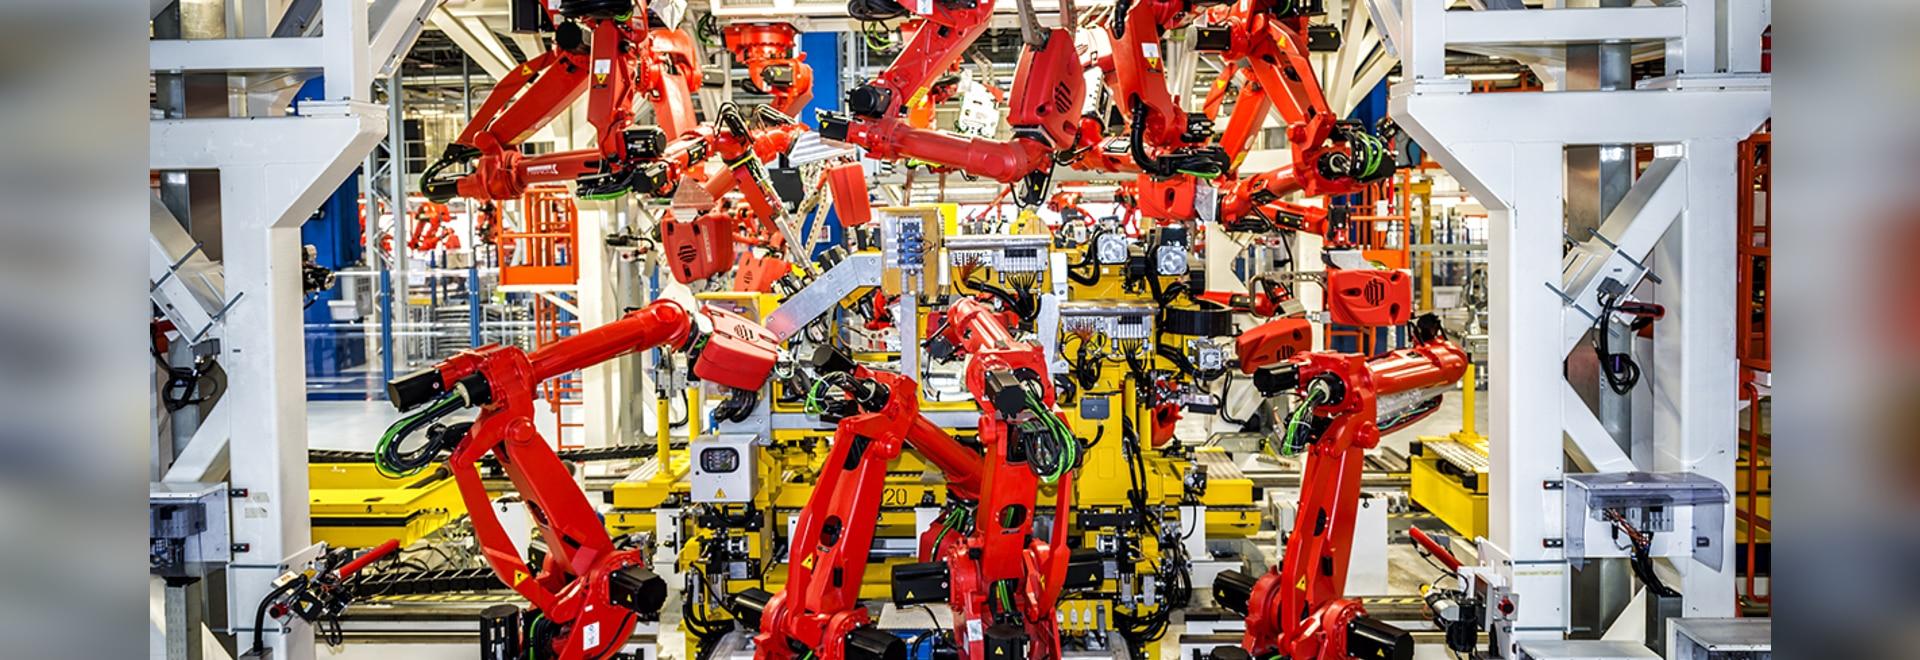 Robot sull'aumento